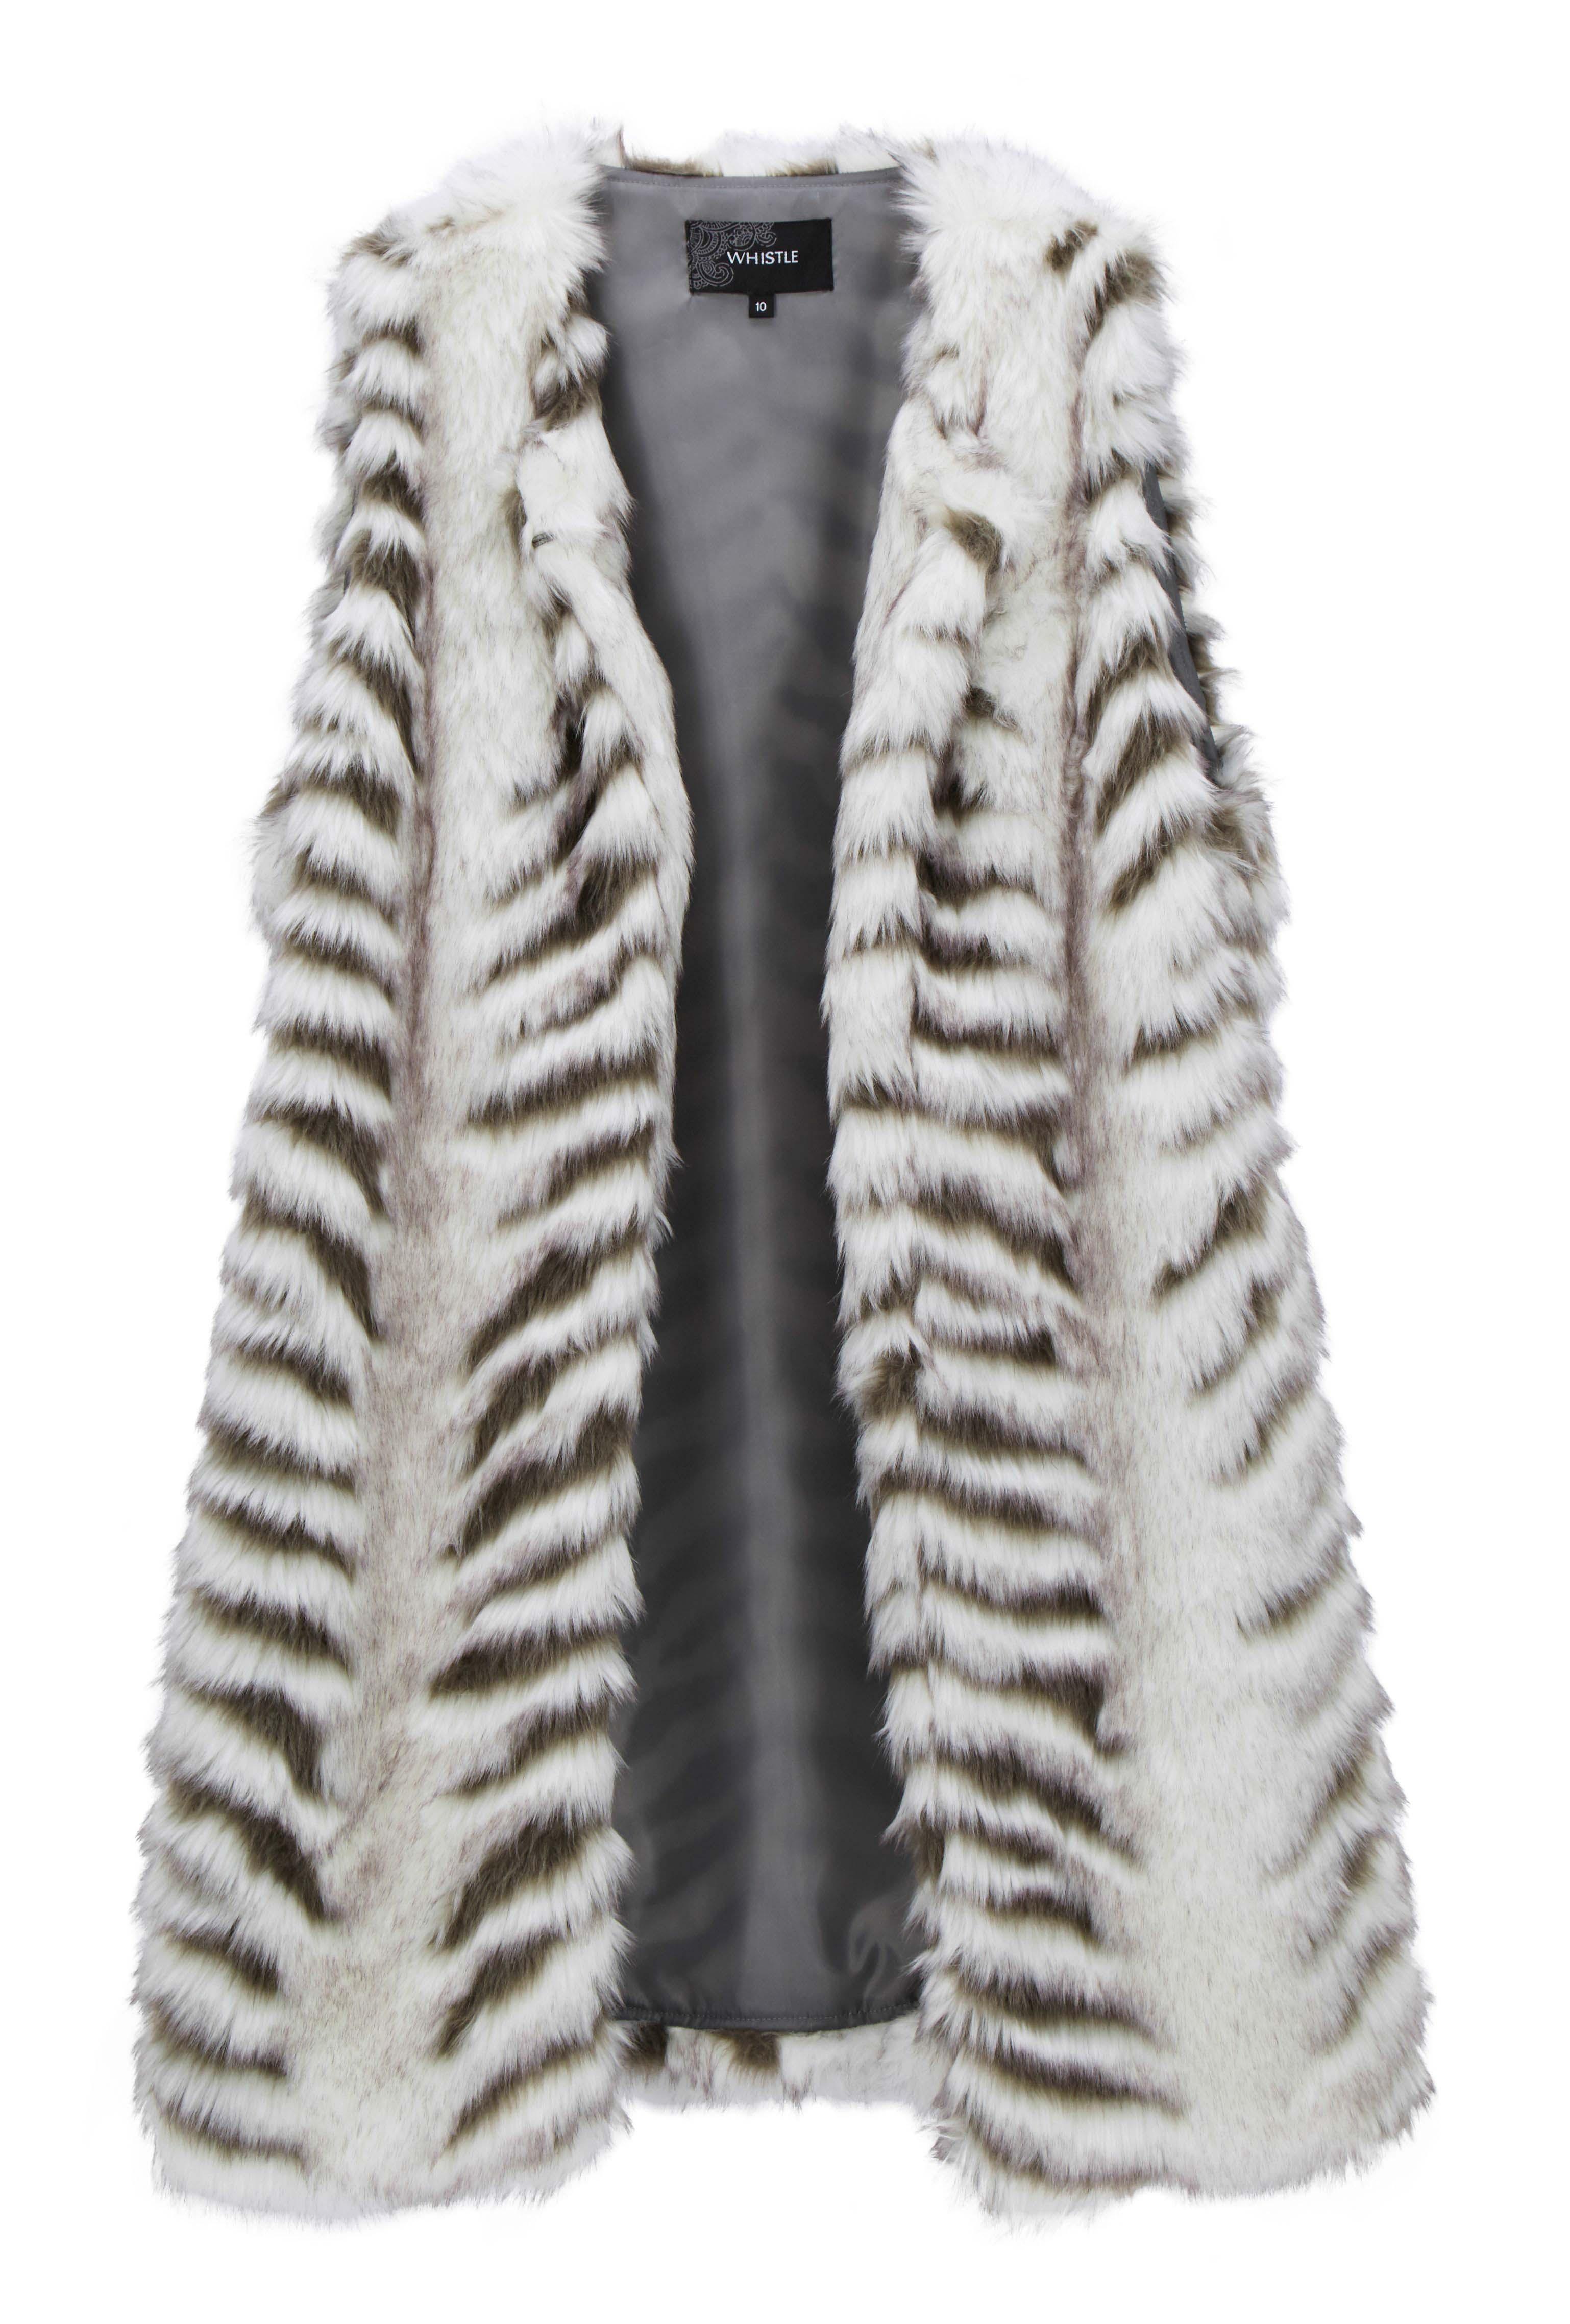 6095666 Whistle Fur Vest $119.99 Instore March 15 2016